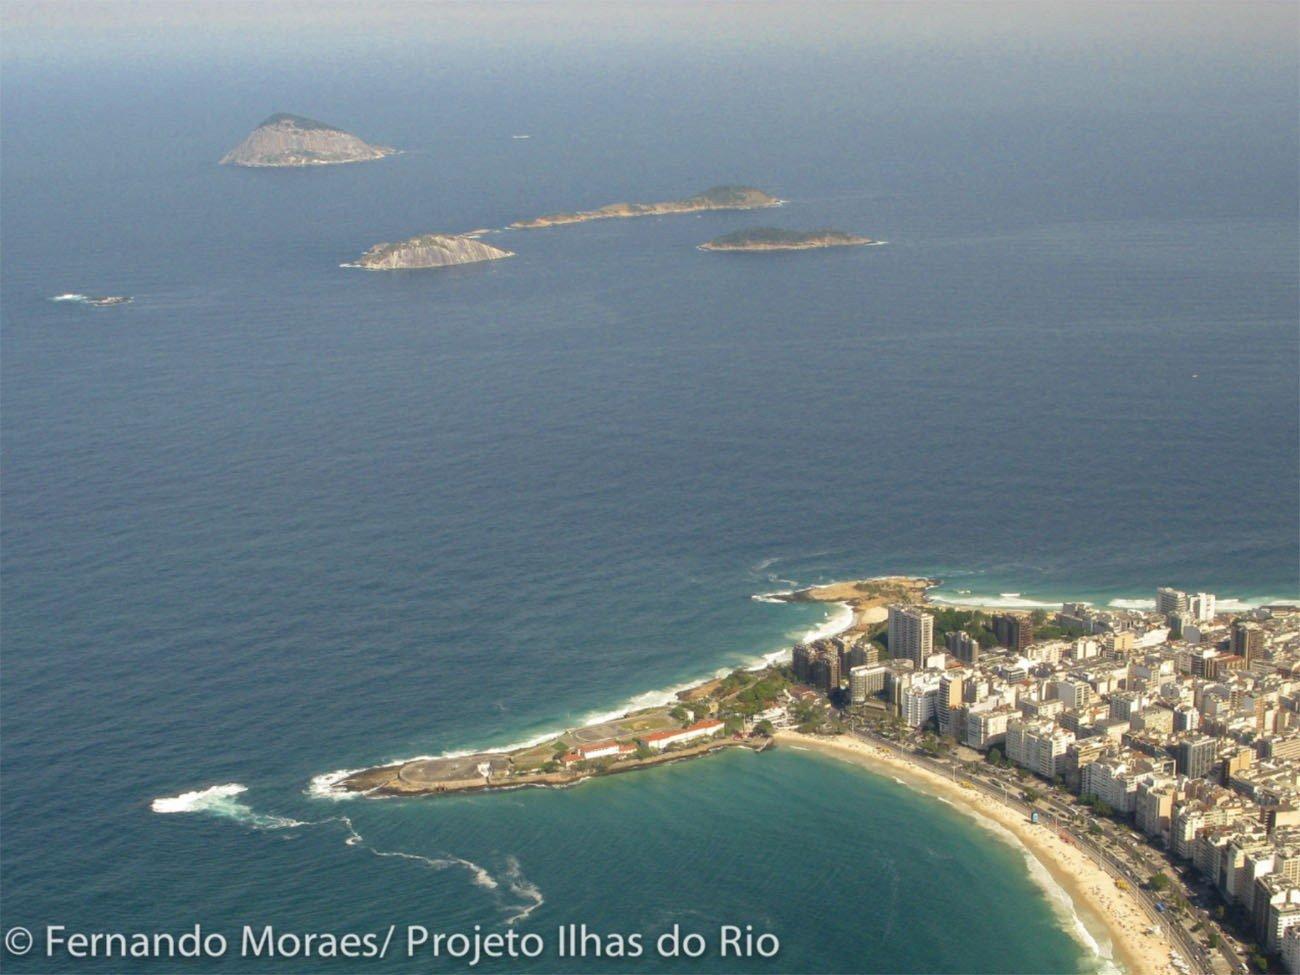 Imagem da Ponta do Arpoador e as ilhas Cagarras, RJ